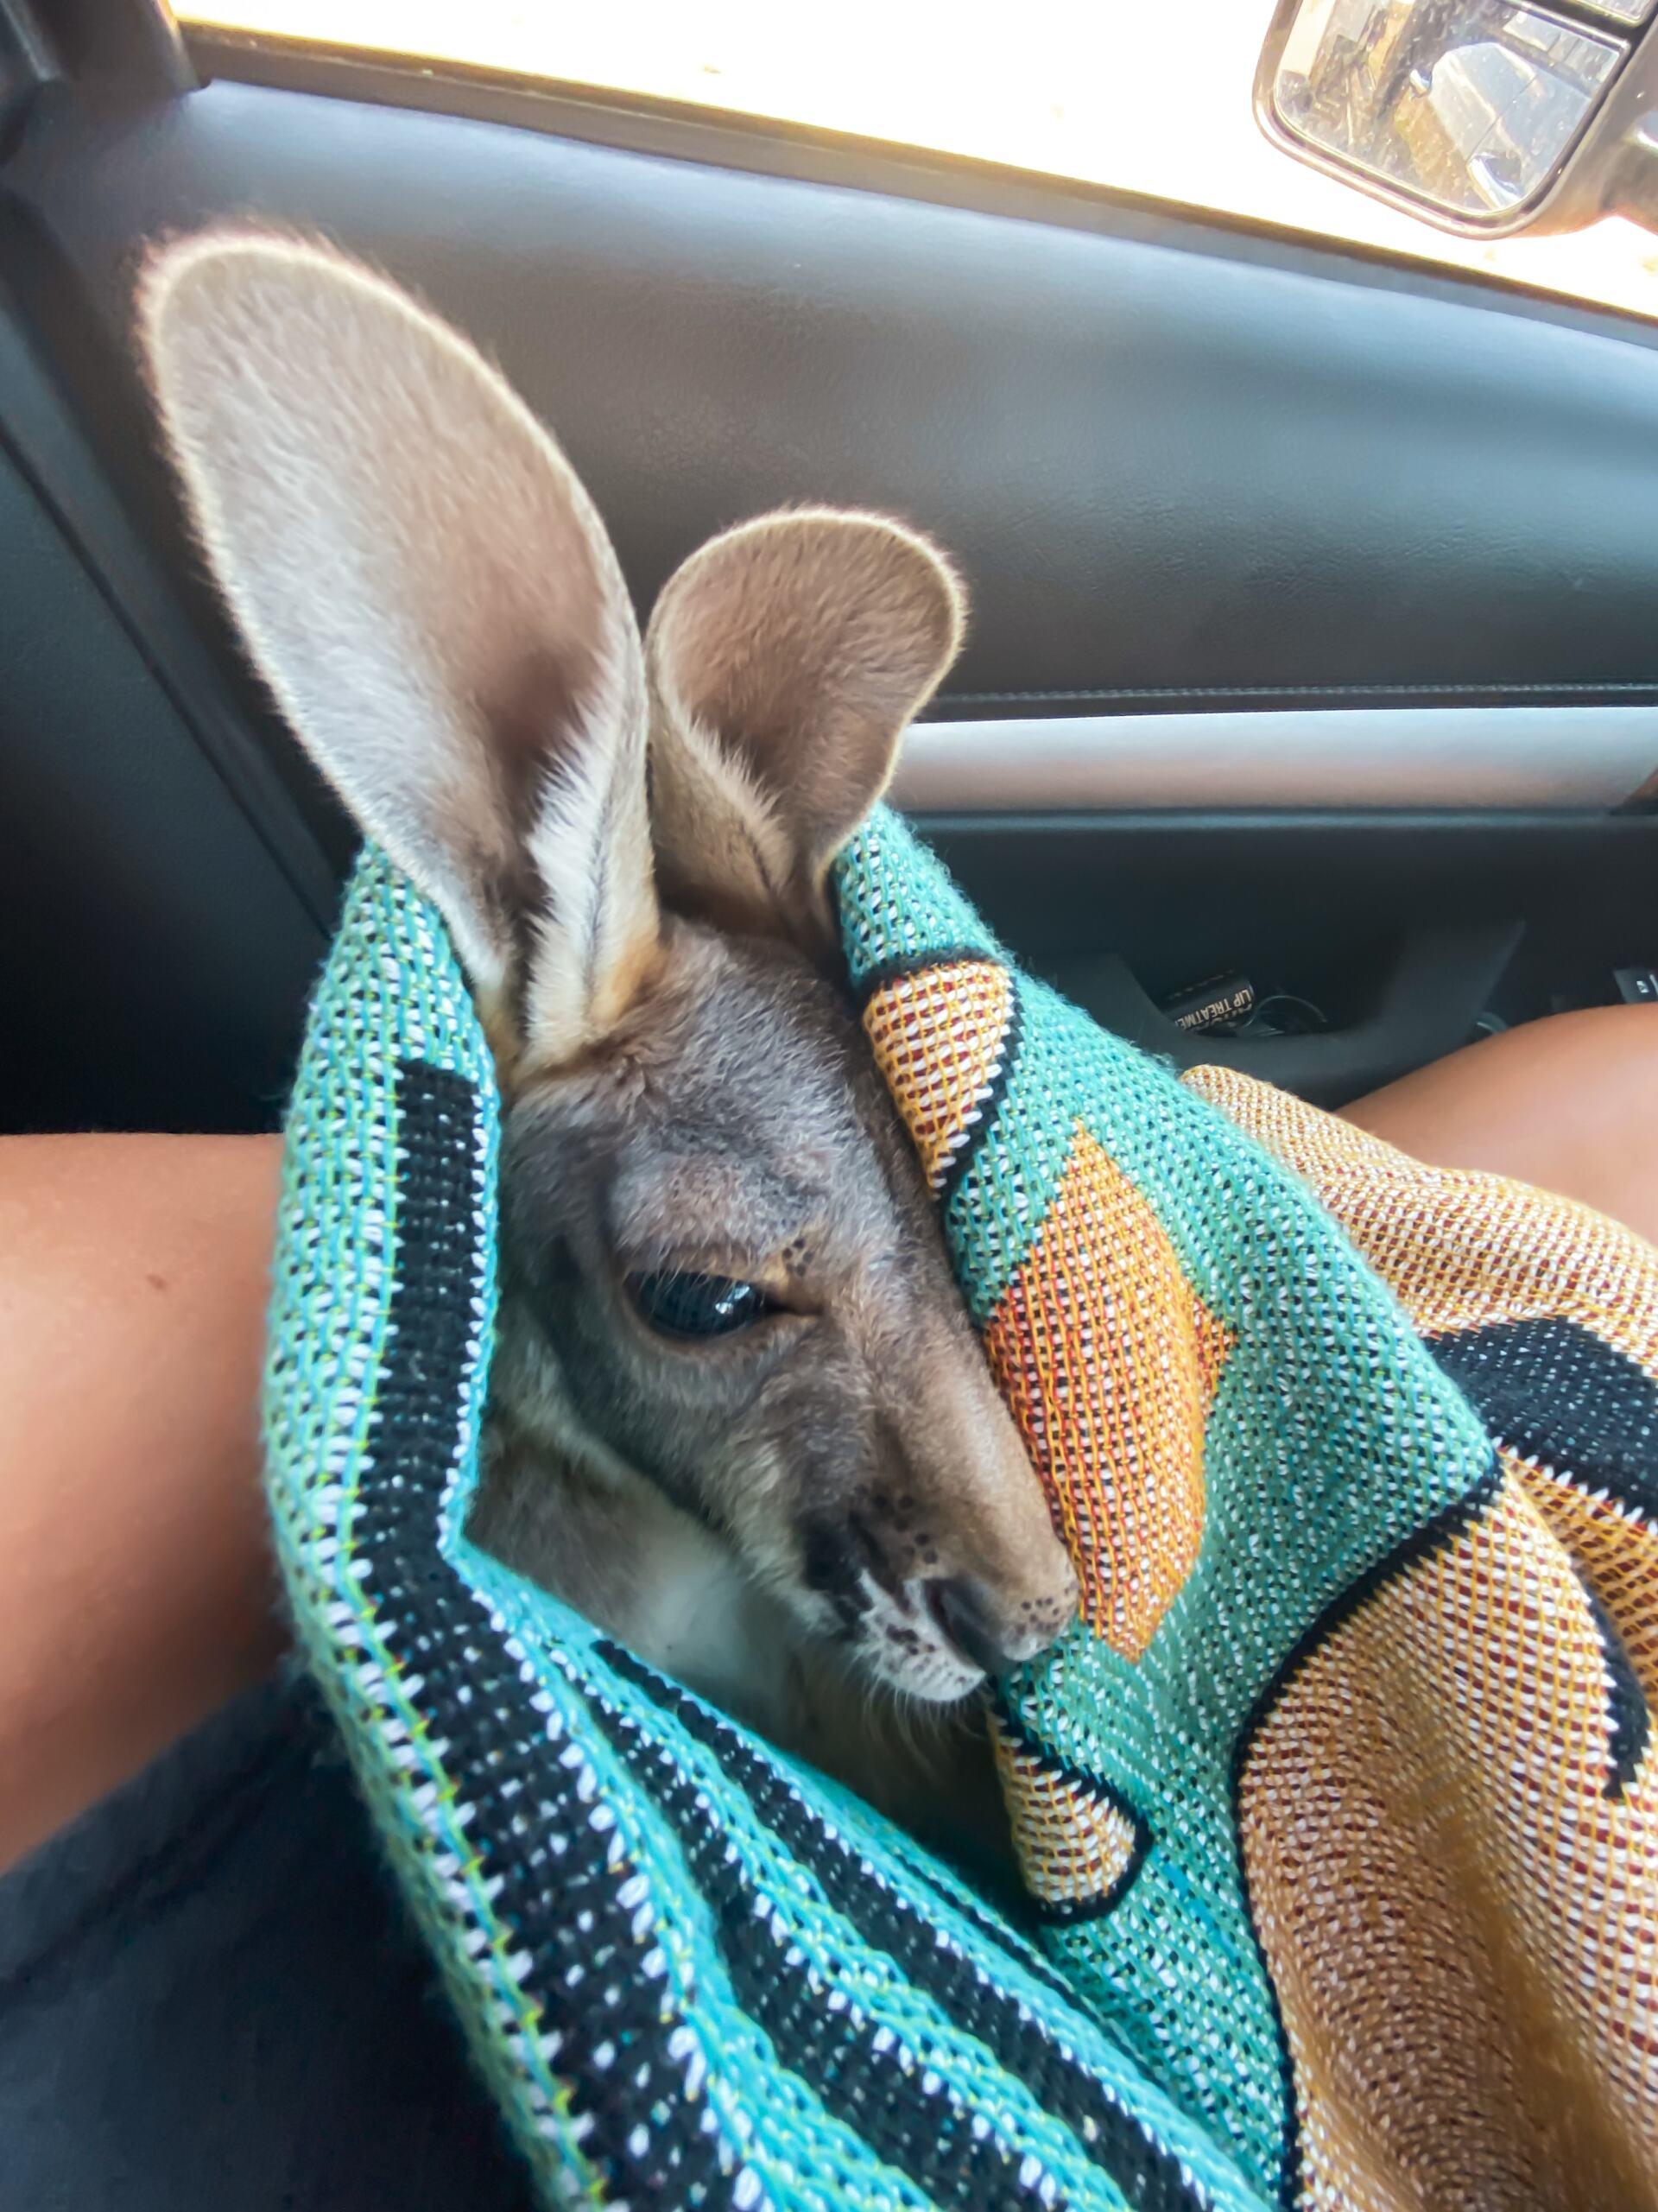 baby kangaroo joey